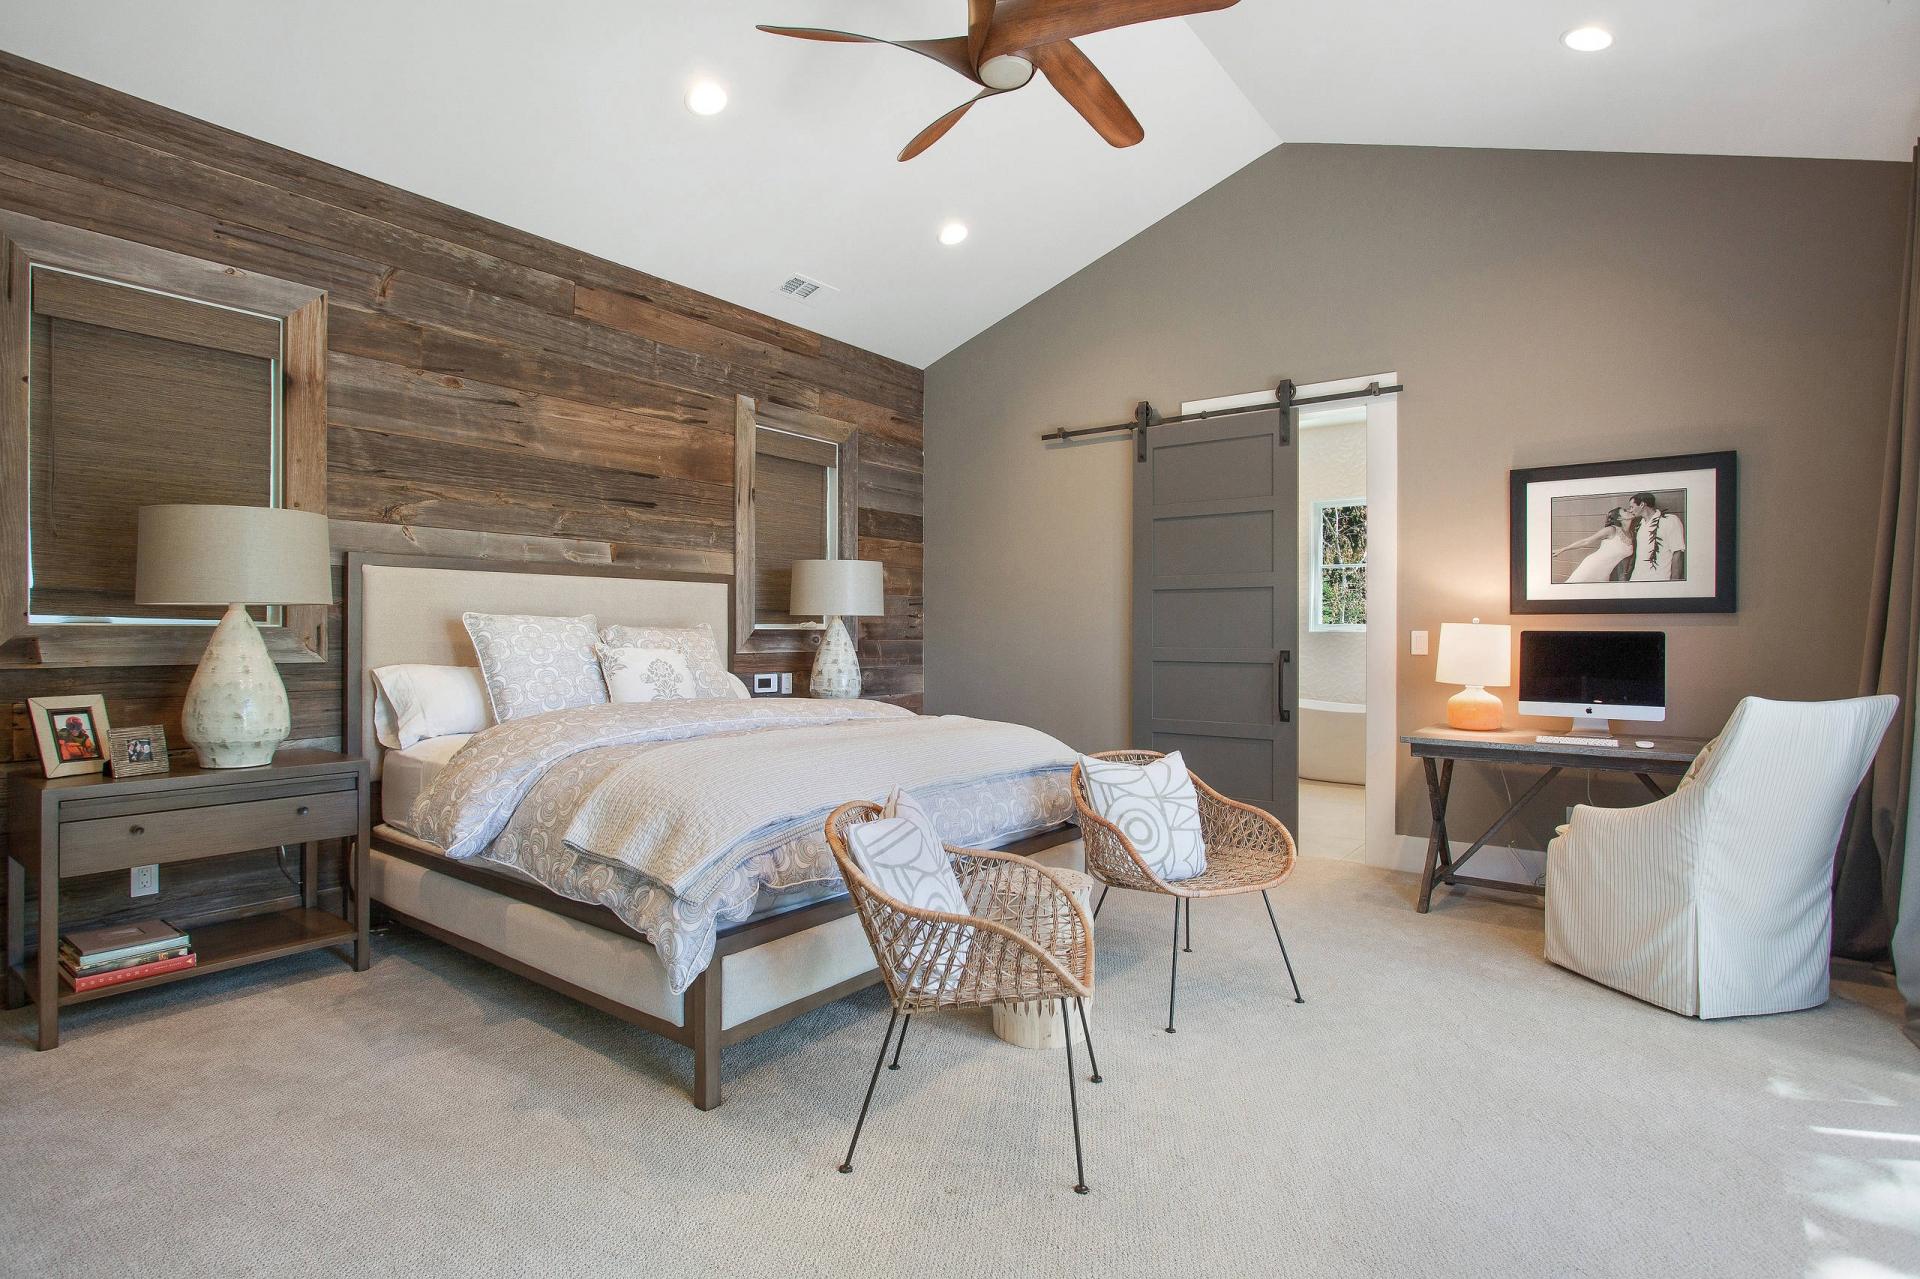 Уютный интерьер комнаты в скандинаском стиле